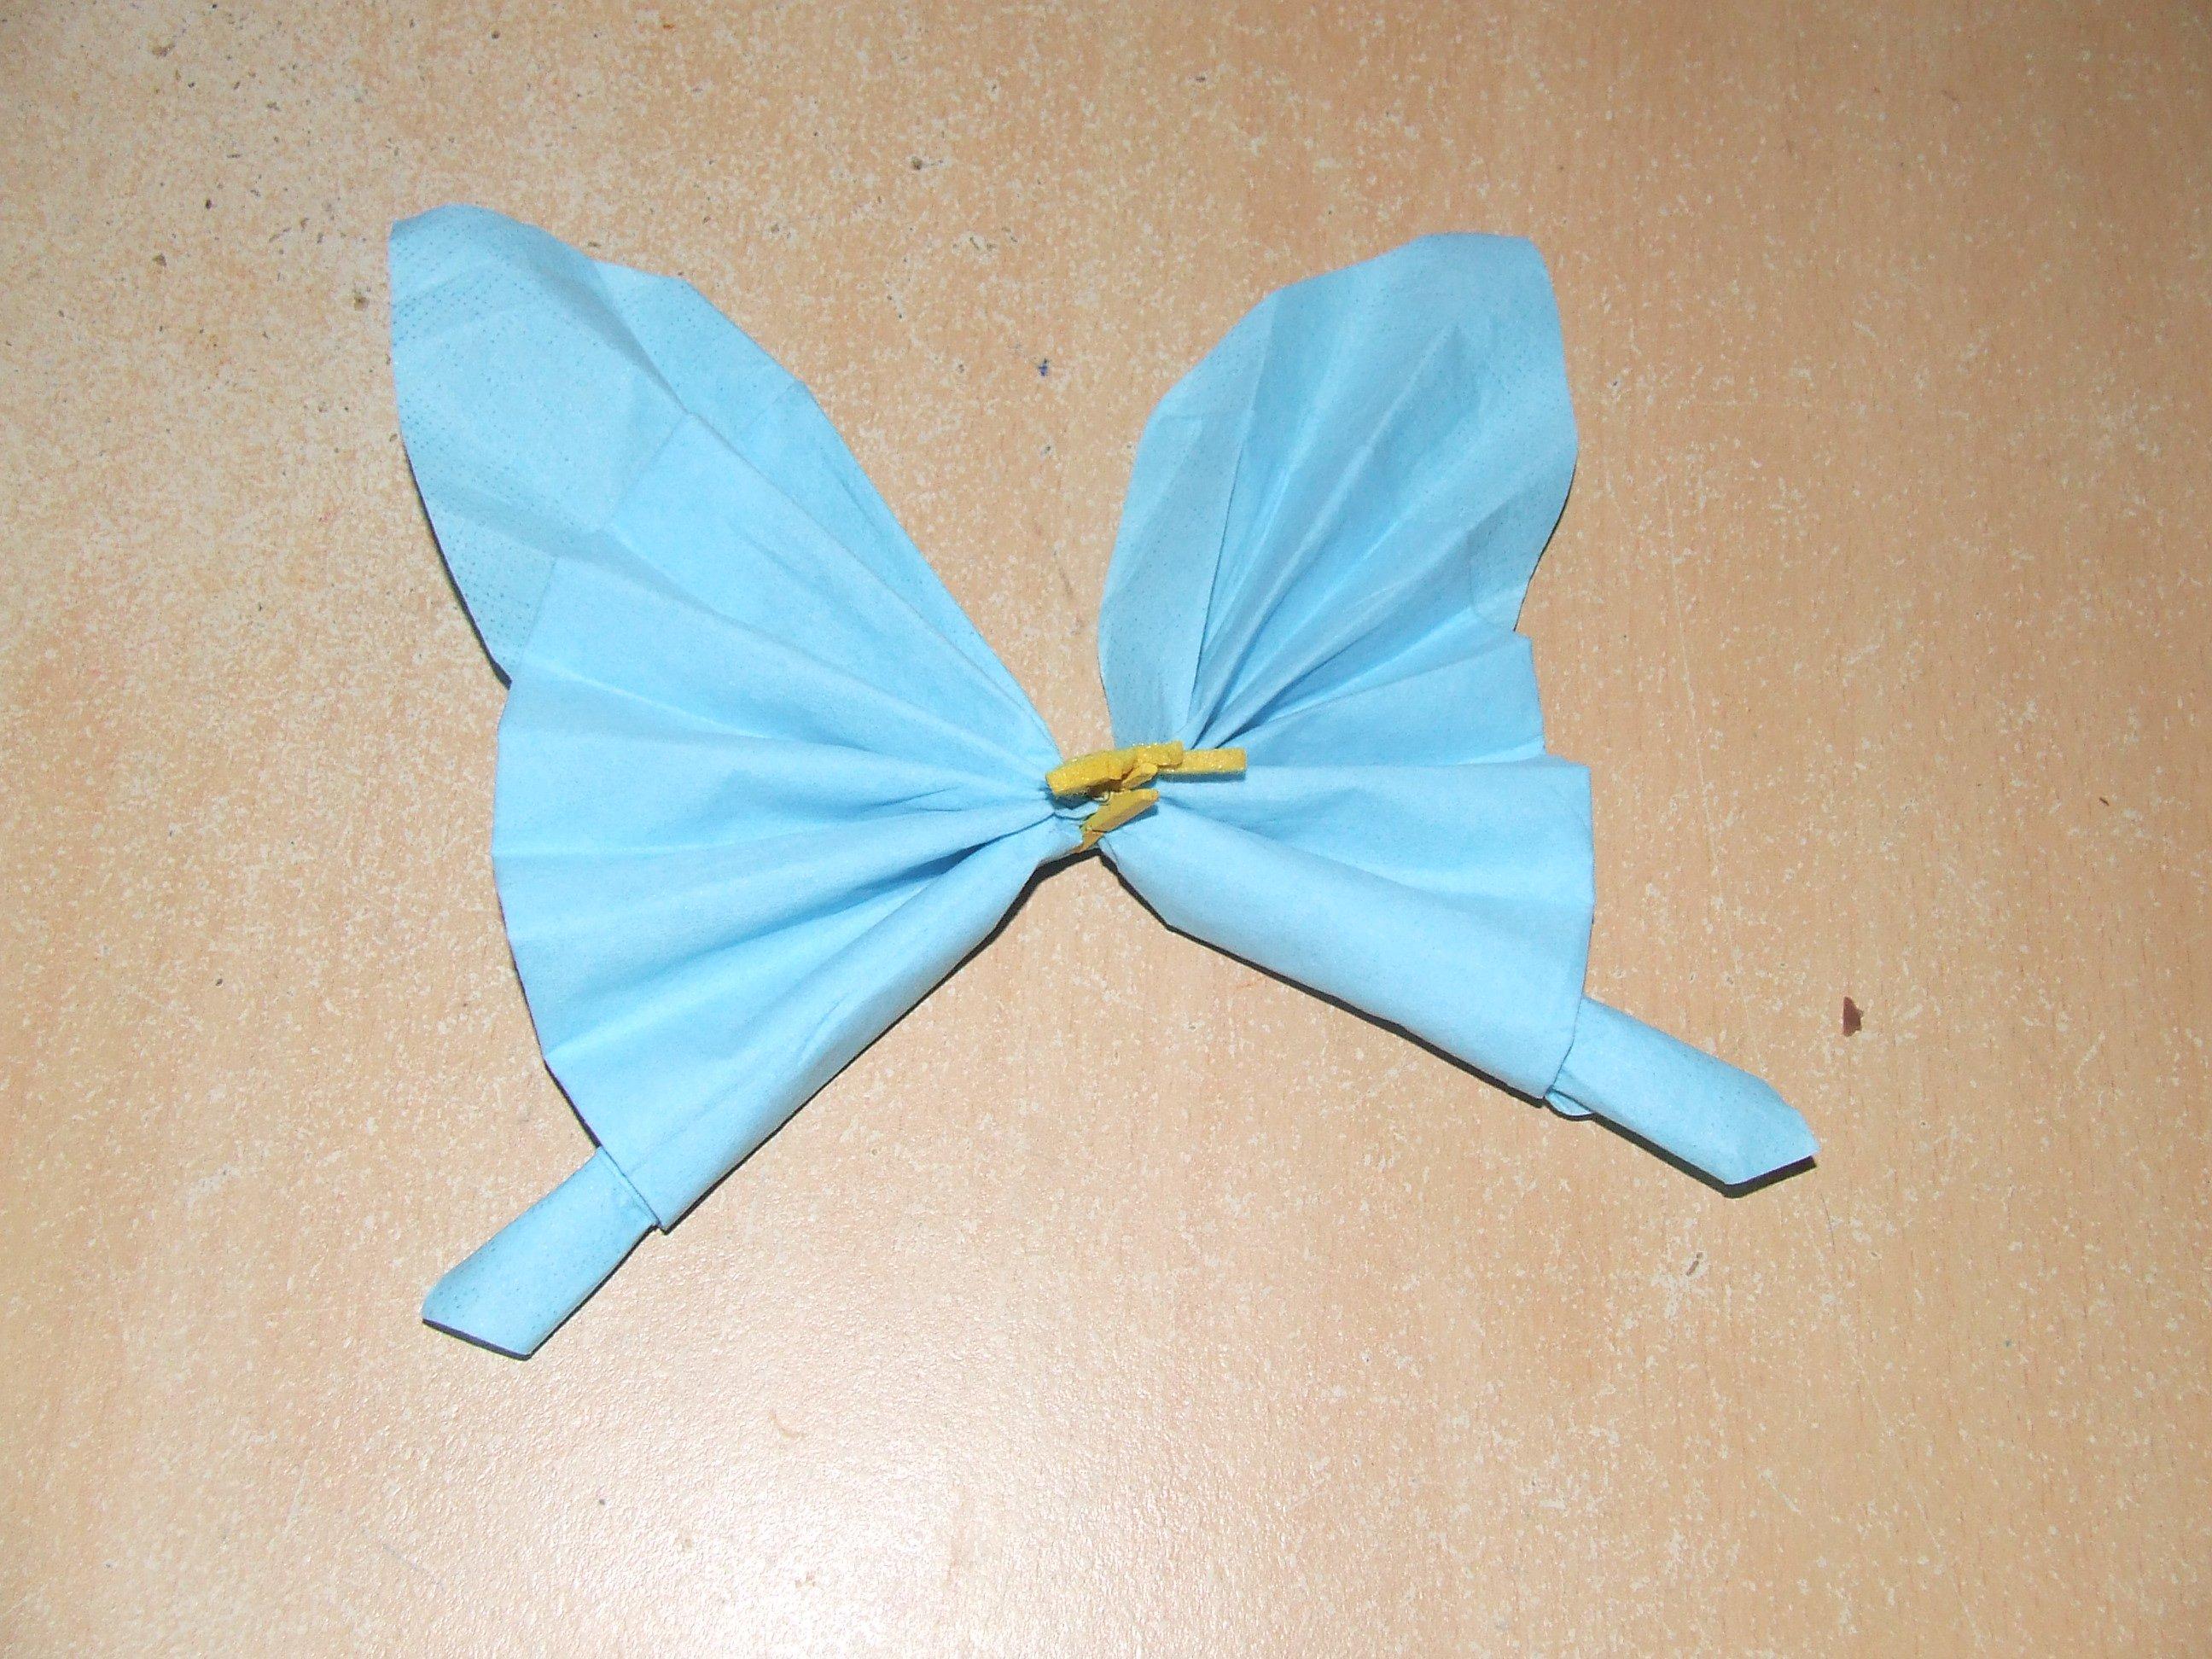 Pliage serviette papillon prepa bapteme ptitevivi62 photos club doctissimo - Pliage serviette bapteme garcon ...